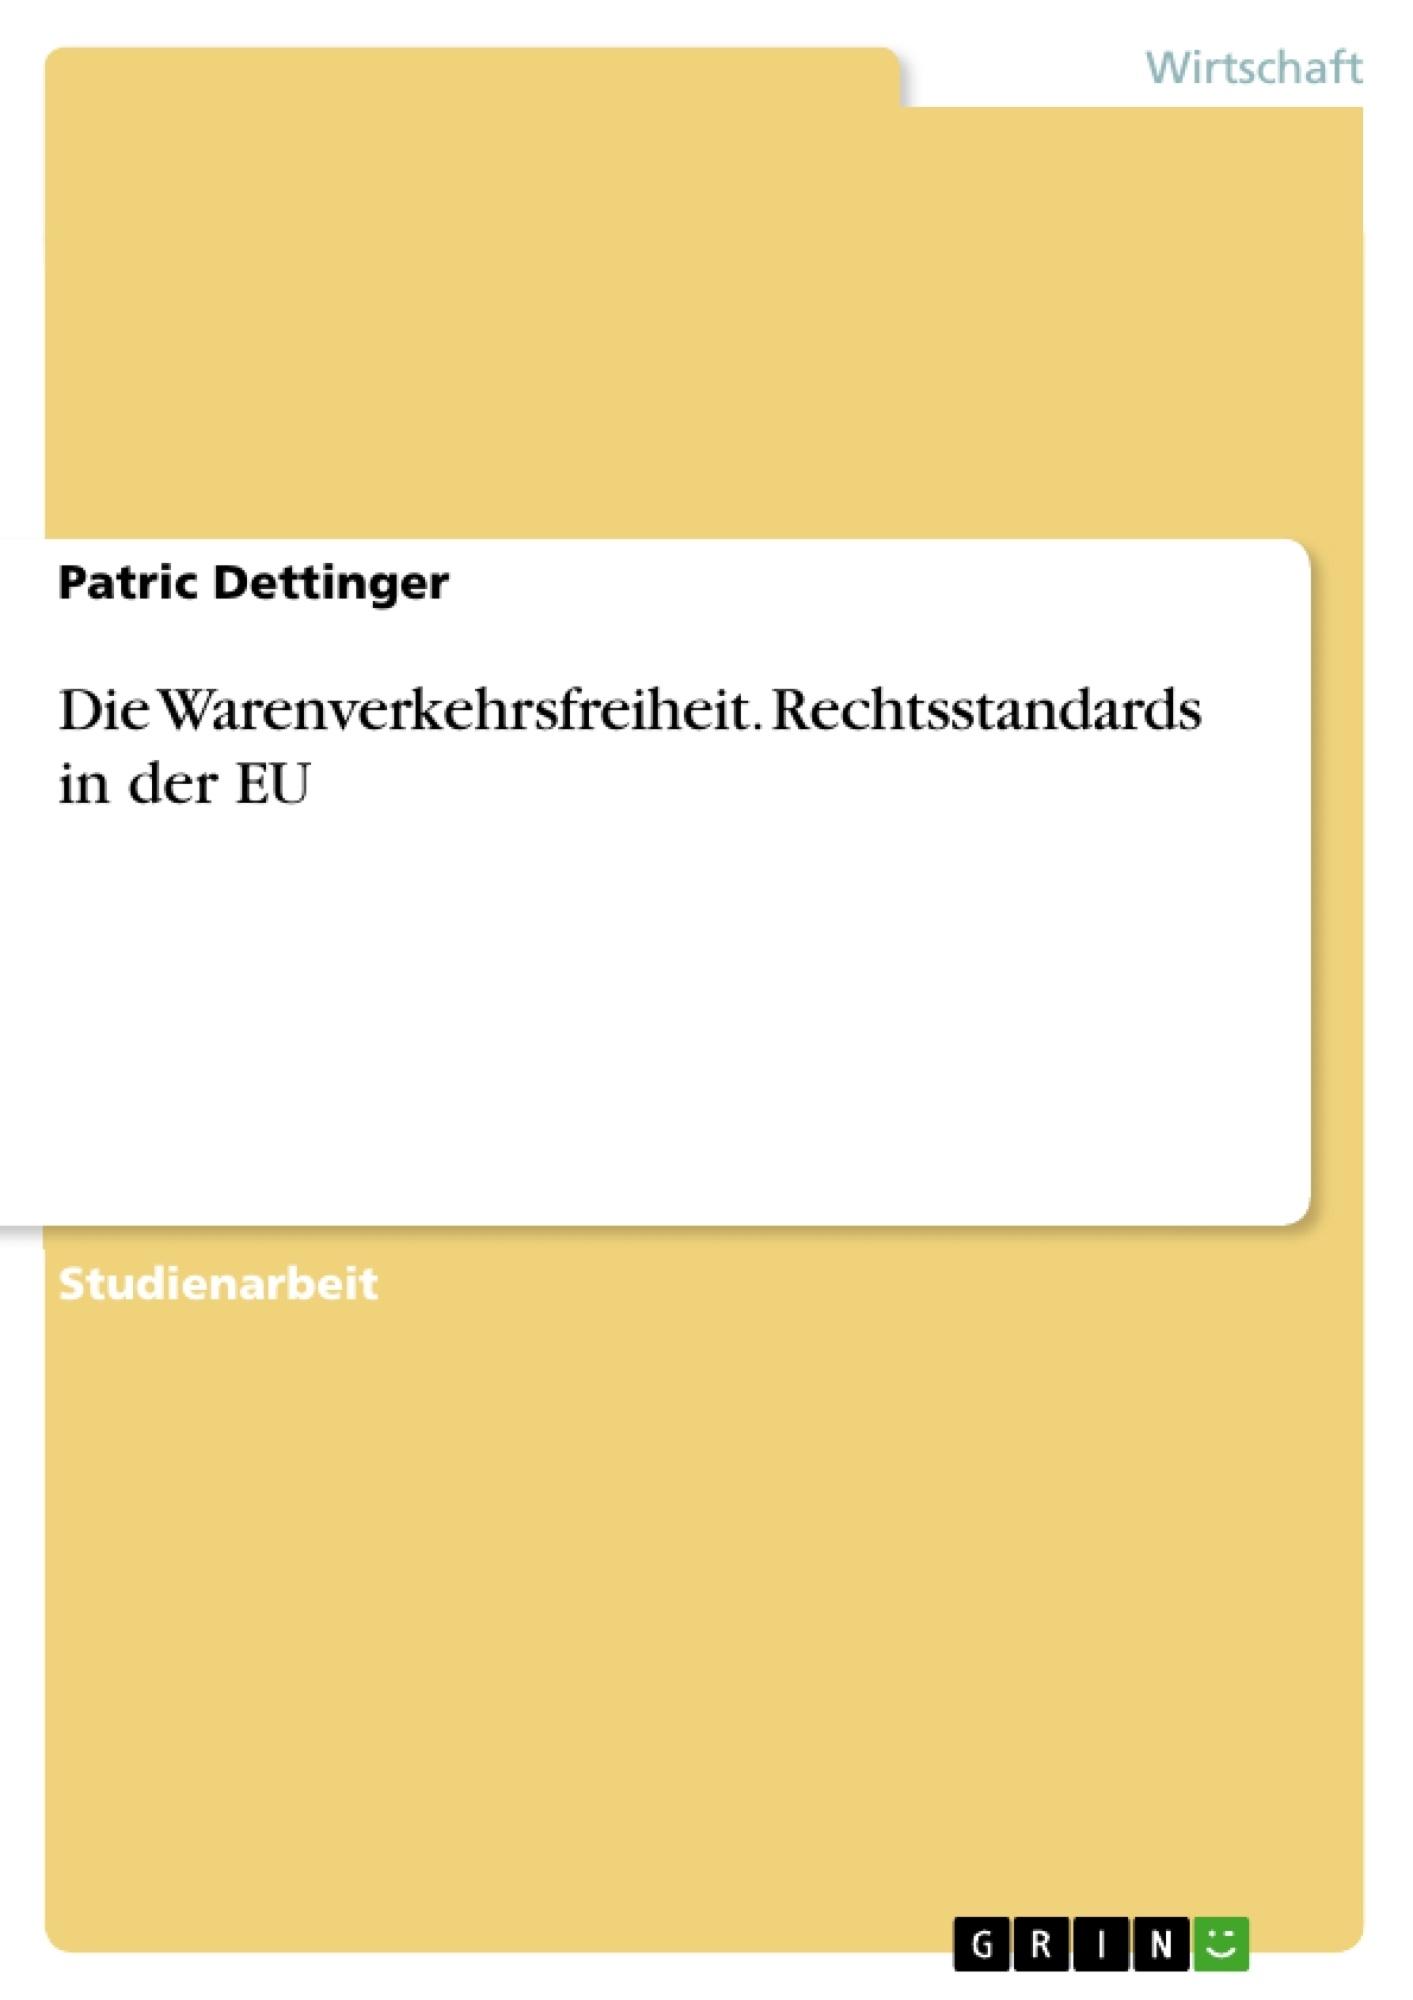 Titel: Die Warenverkehrsfreiheit. Rechtsstandards in der EU